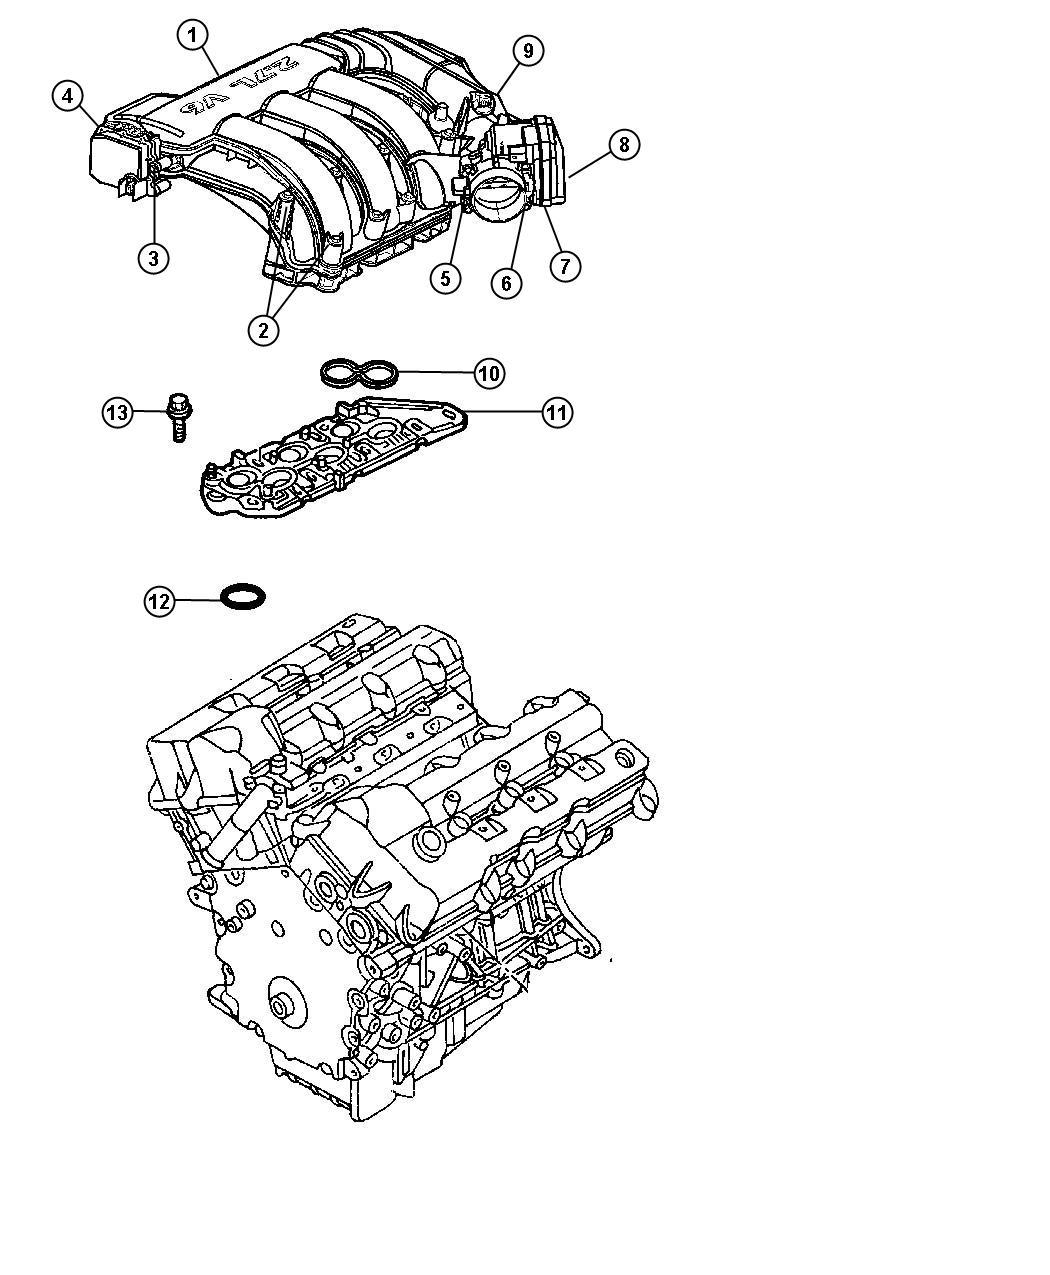 Dodge Stratus Gasket. Intake manifold. Lower, mounting